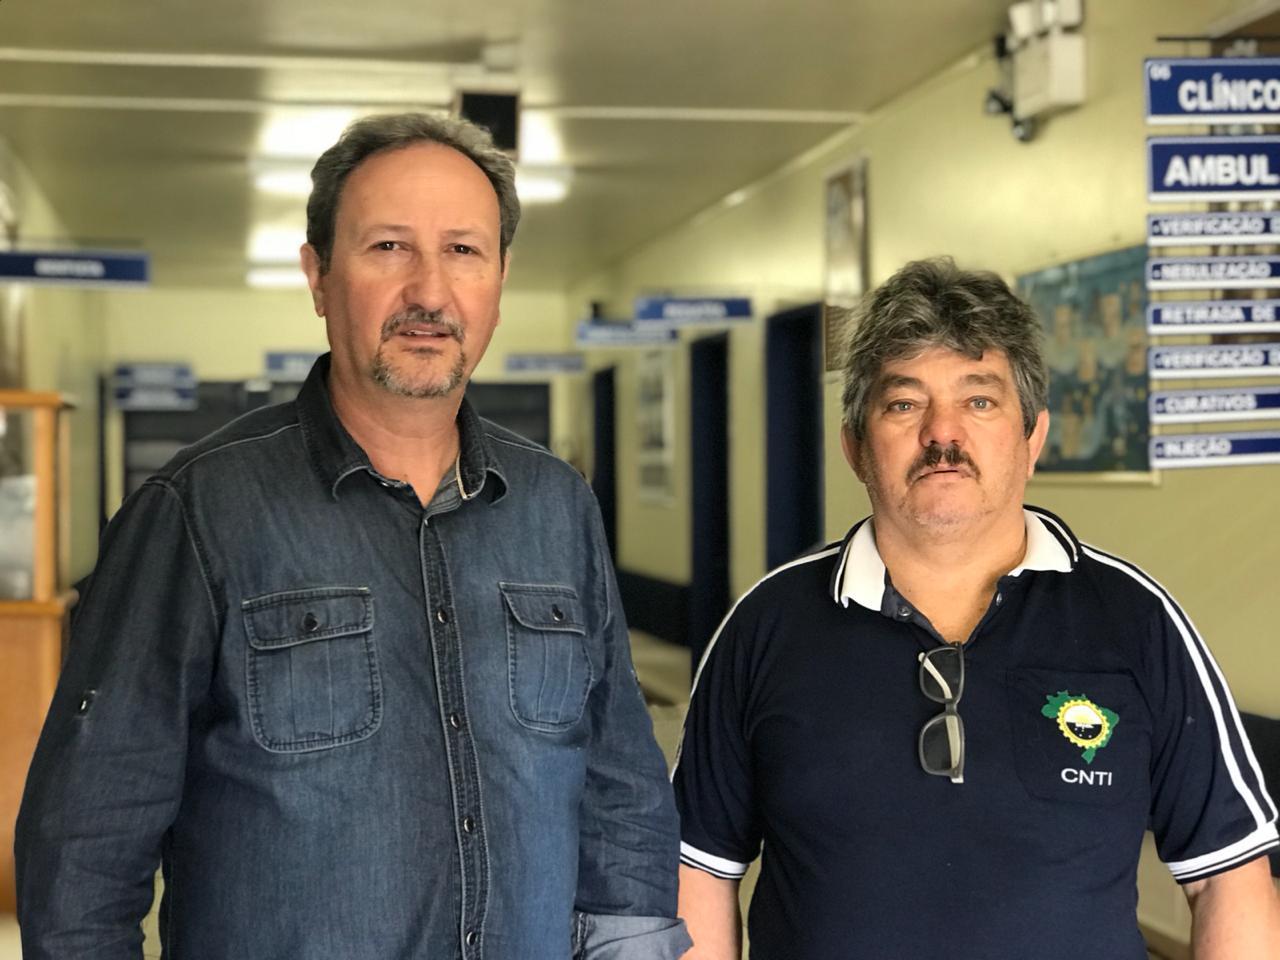 Diretoria espera fechar acordos coletivos individuais para não prejudicar trabalhadores